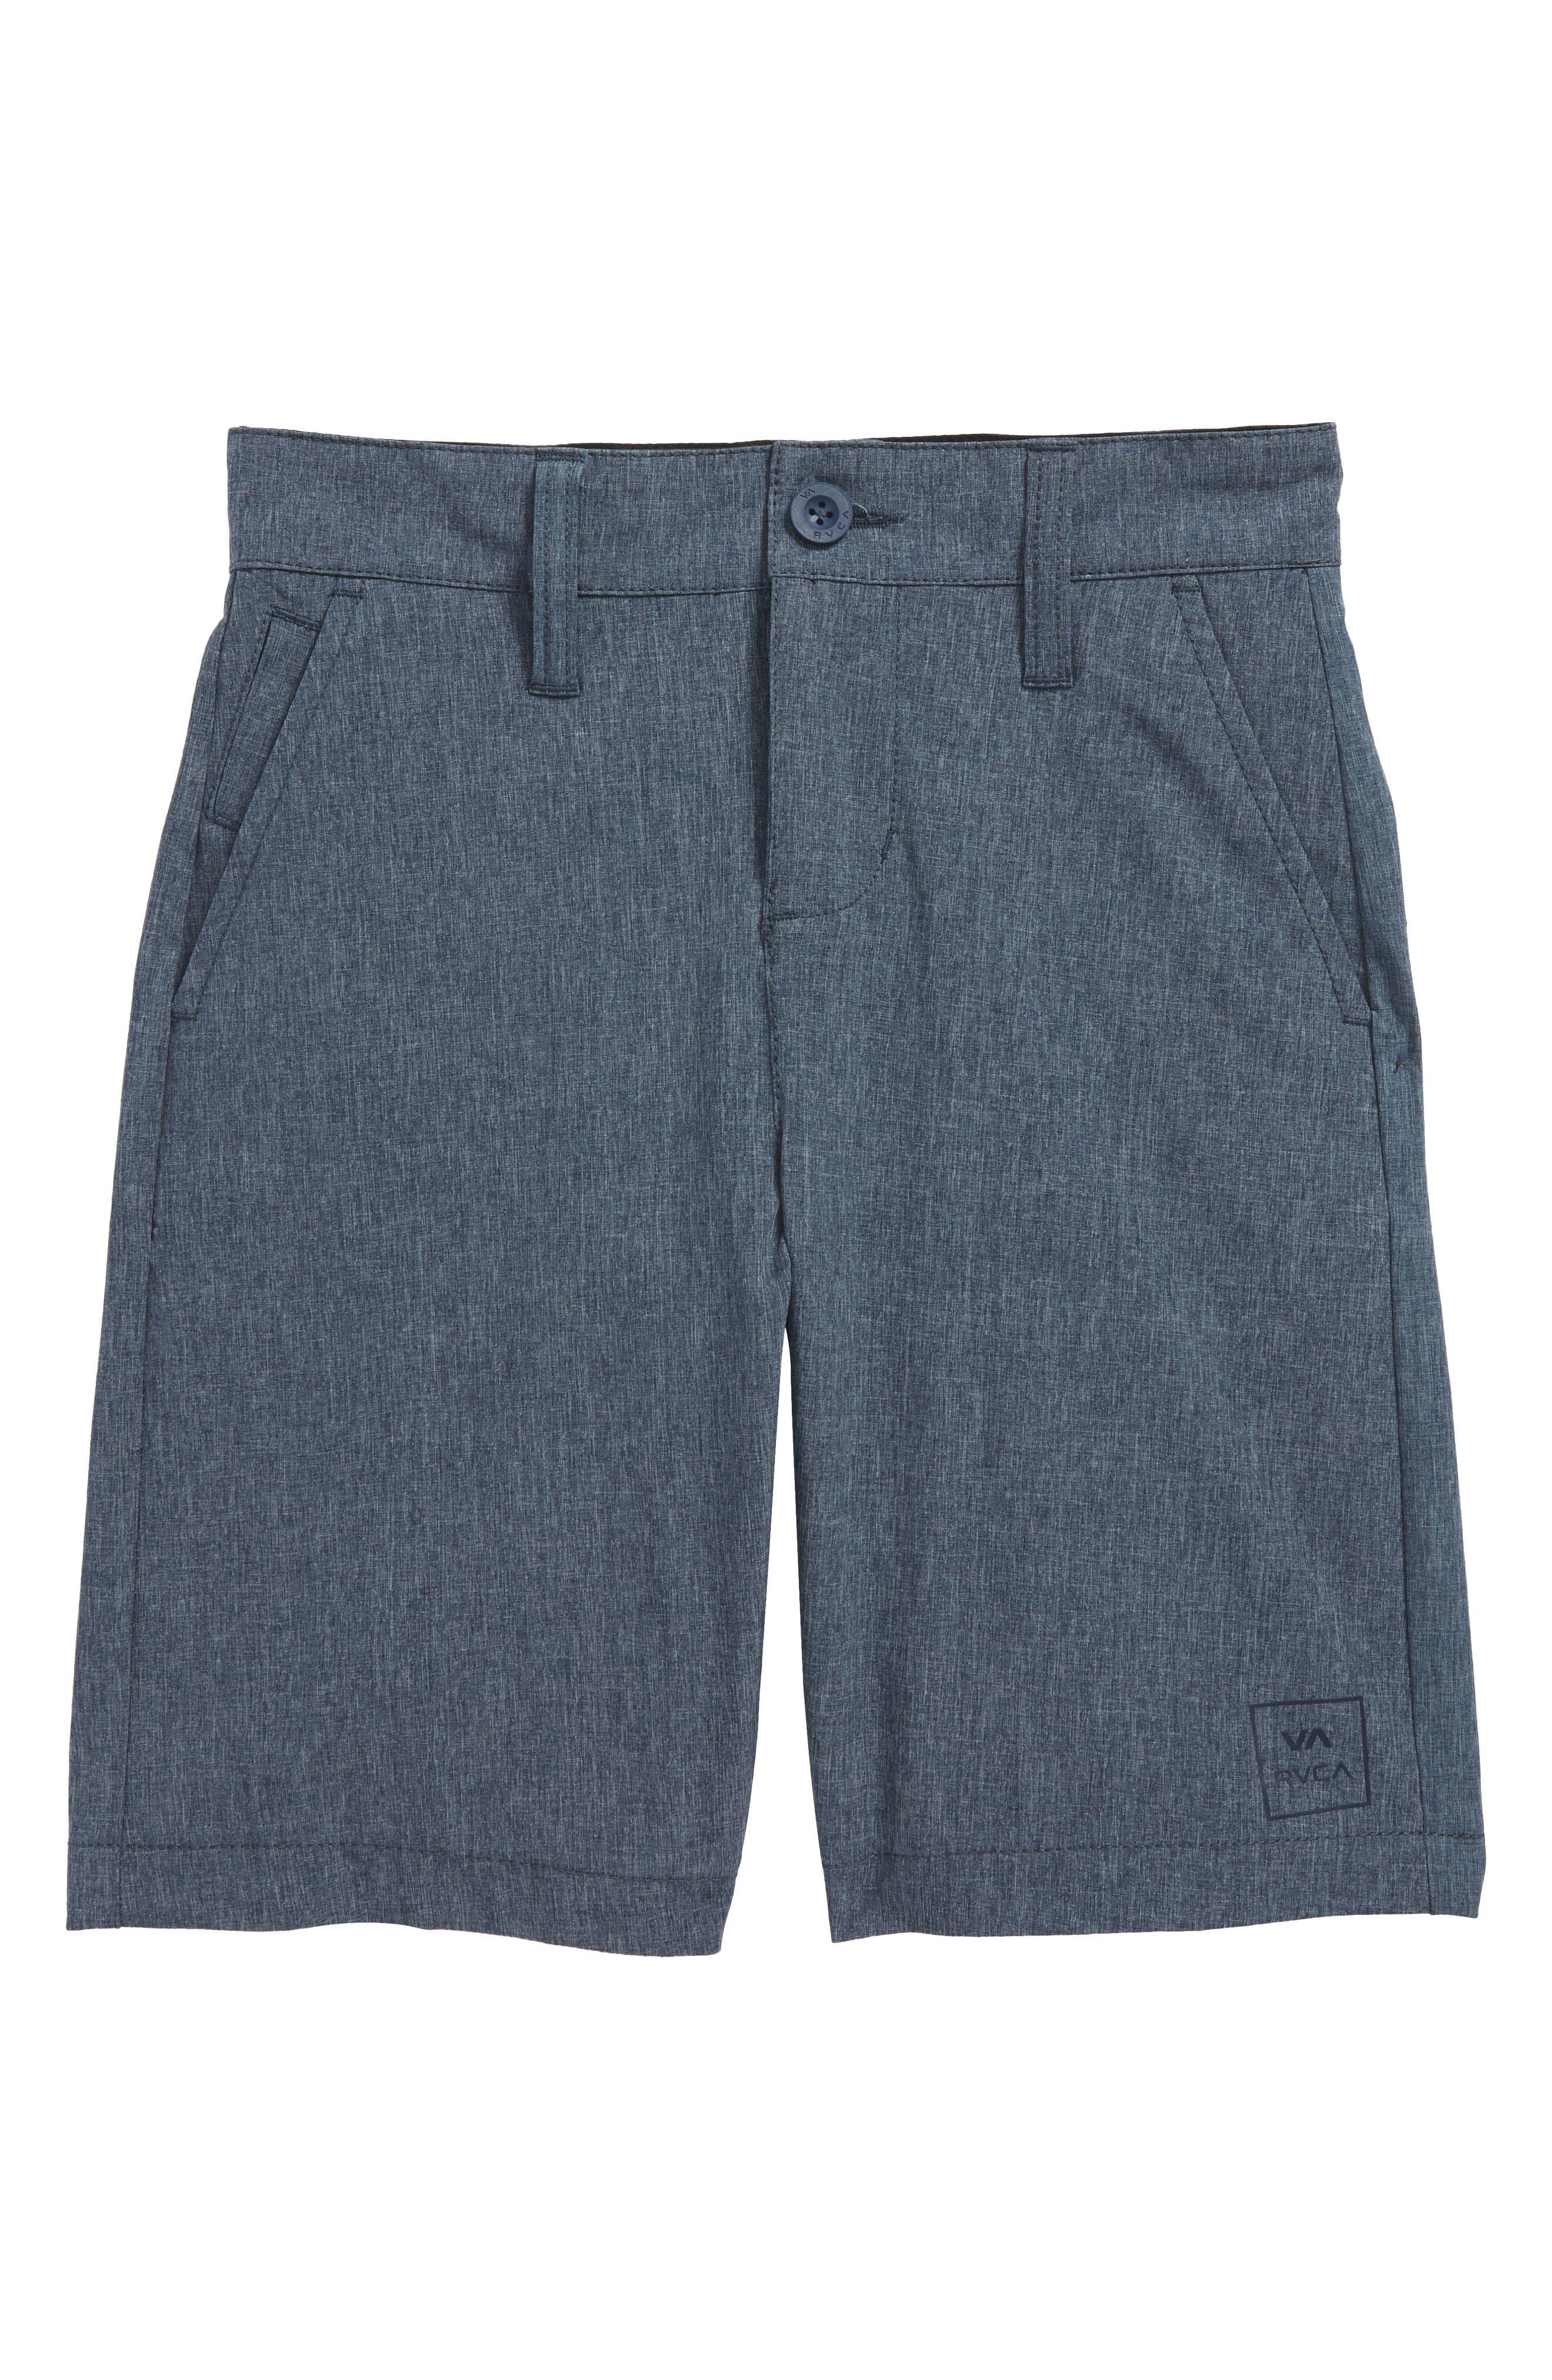 All the Way Hybrid Shorts,                             Main thumbnail 1, color,